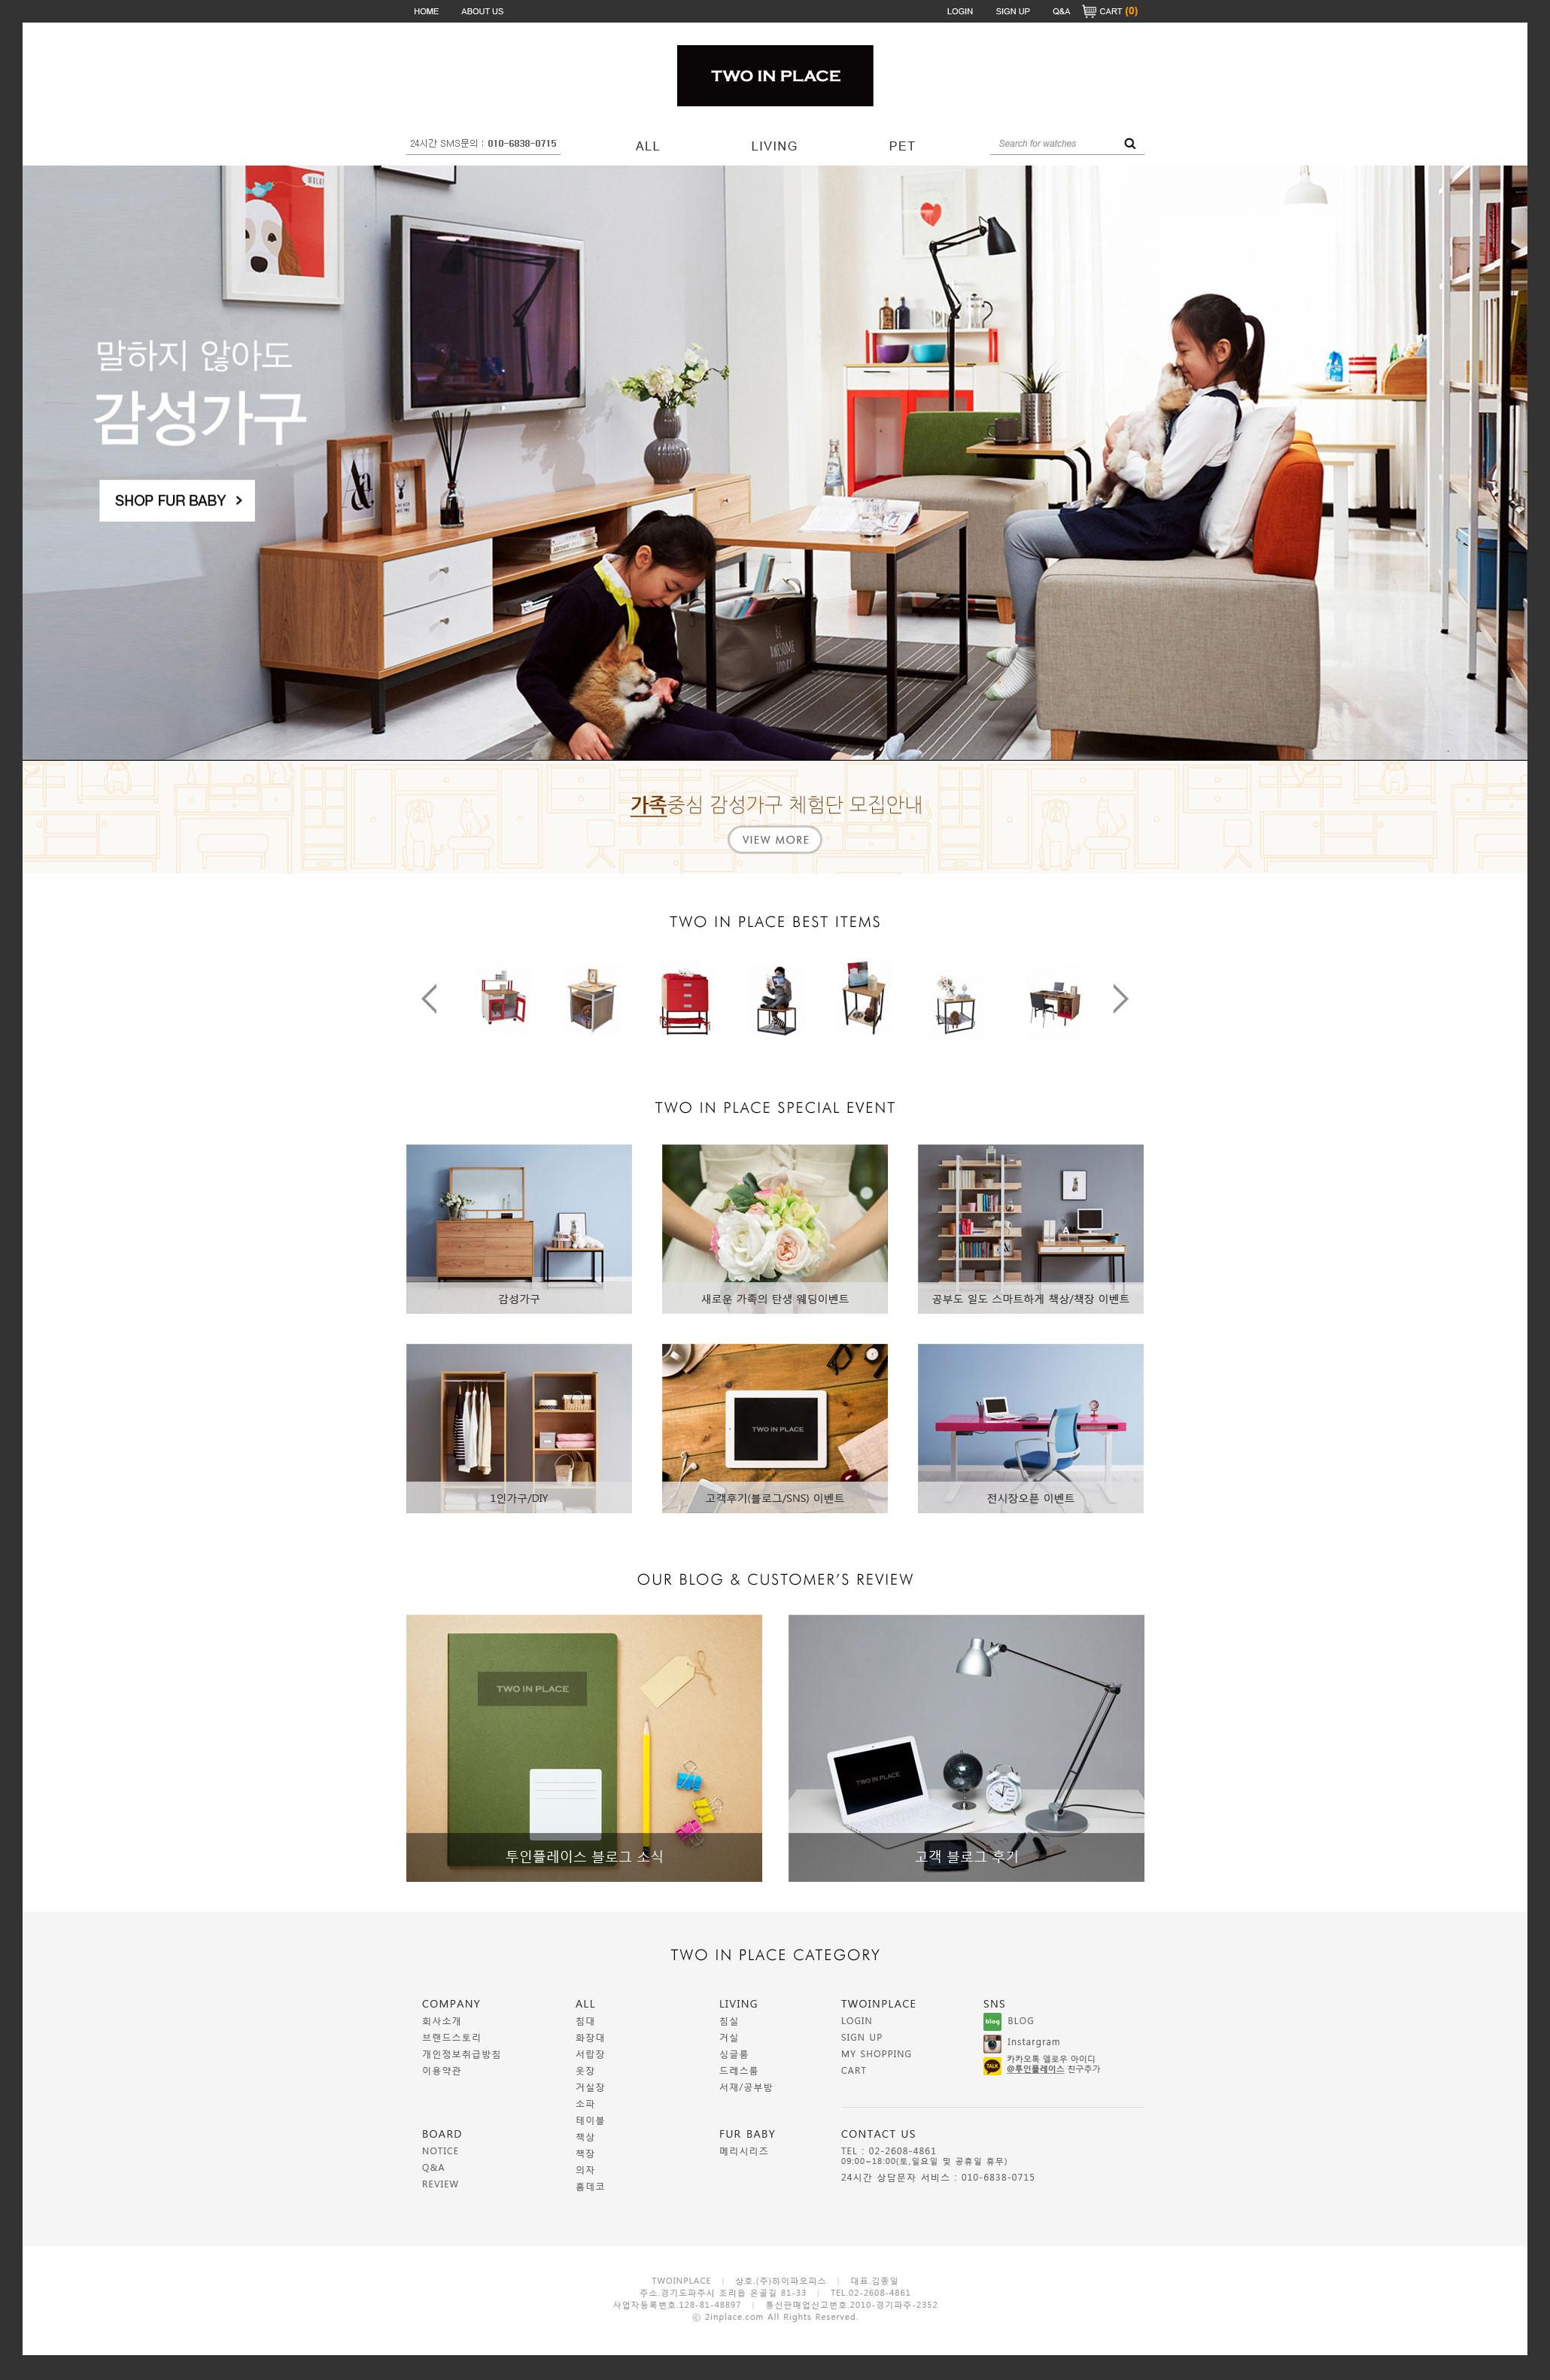 투인플레이스 쇼핑몰, 모바일웹 제작